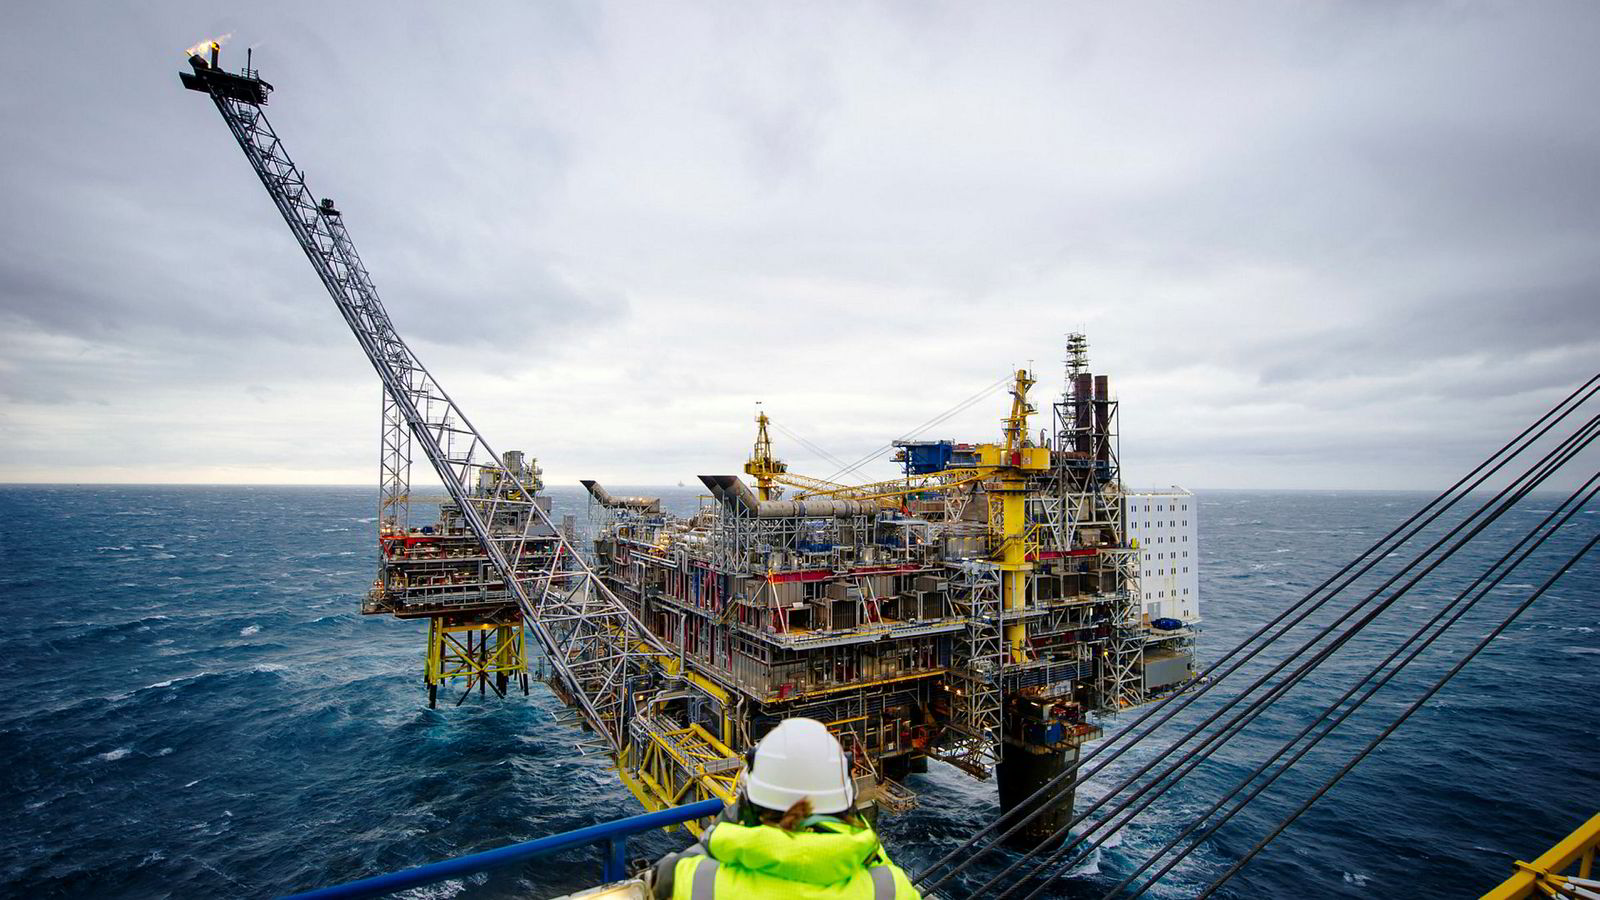 Oljeindustrien er Norges viktigste, men vi må bli mindre oljeavhengige i fremtiden. Her fra Oseberg-plattformen i Nordsjøen.